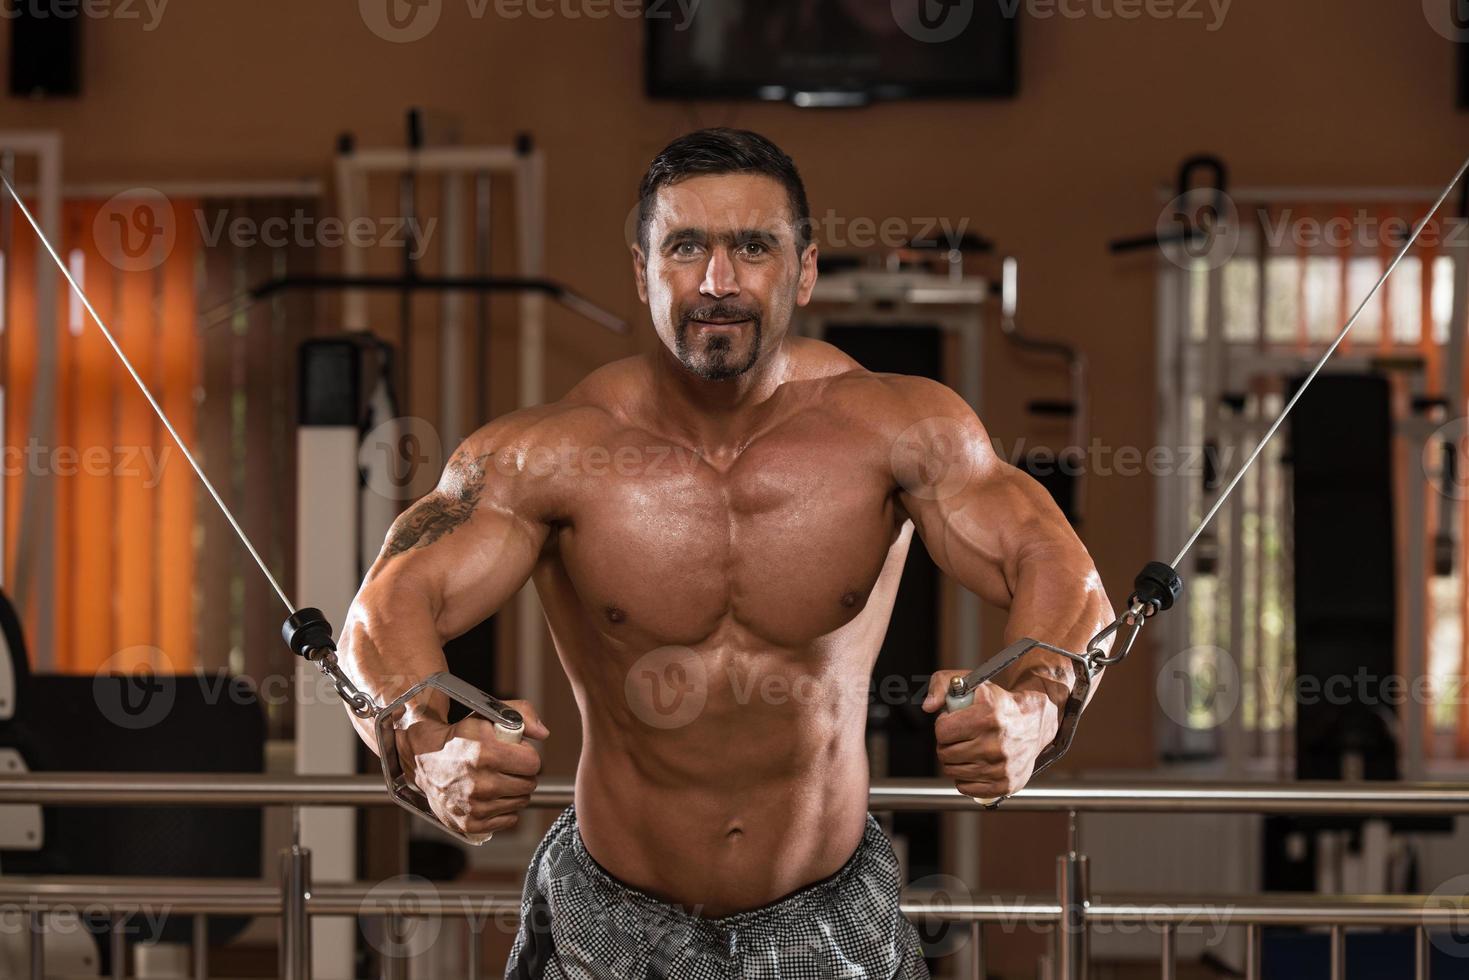 fisiculturista exercitar peito foto